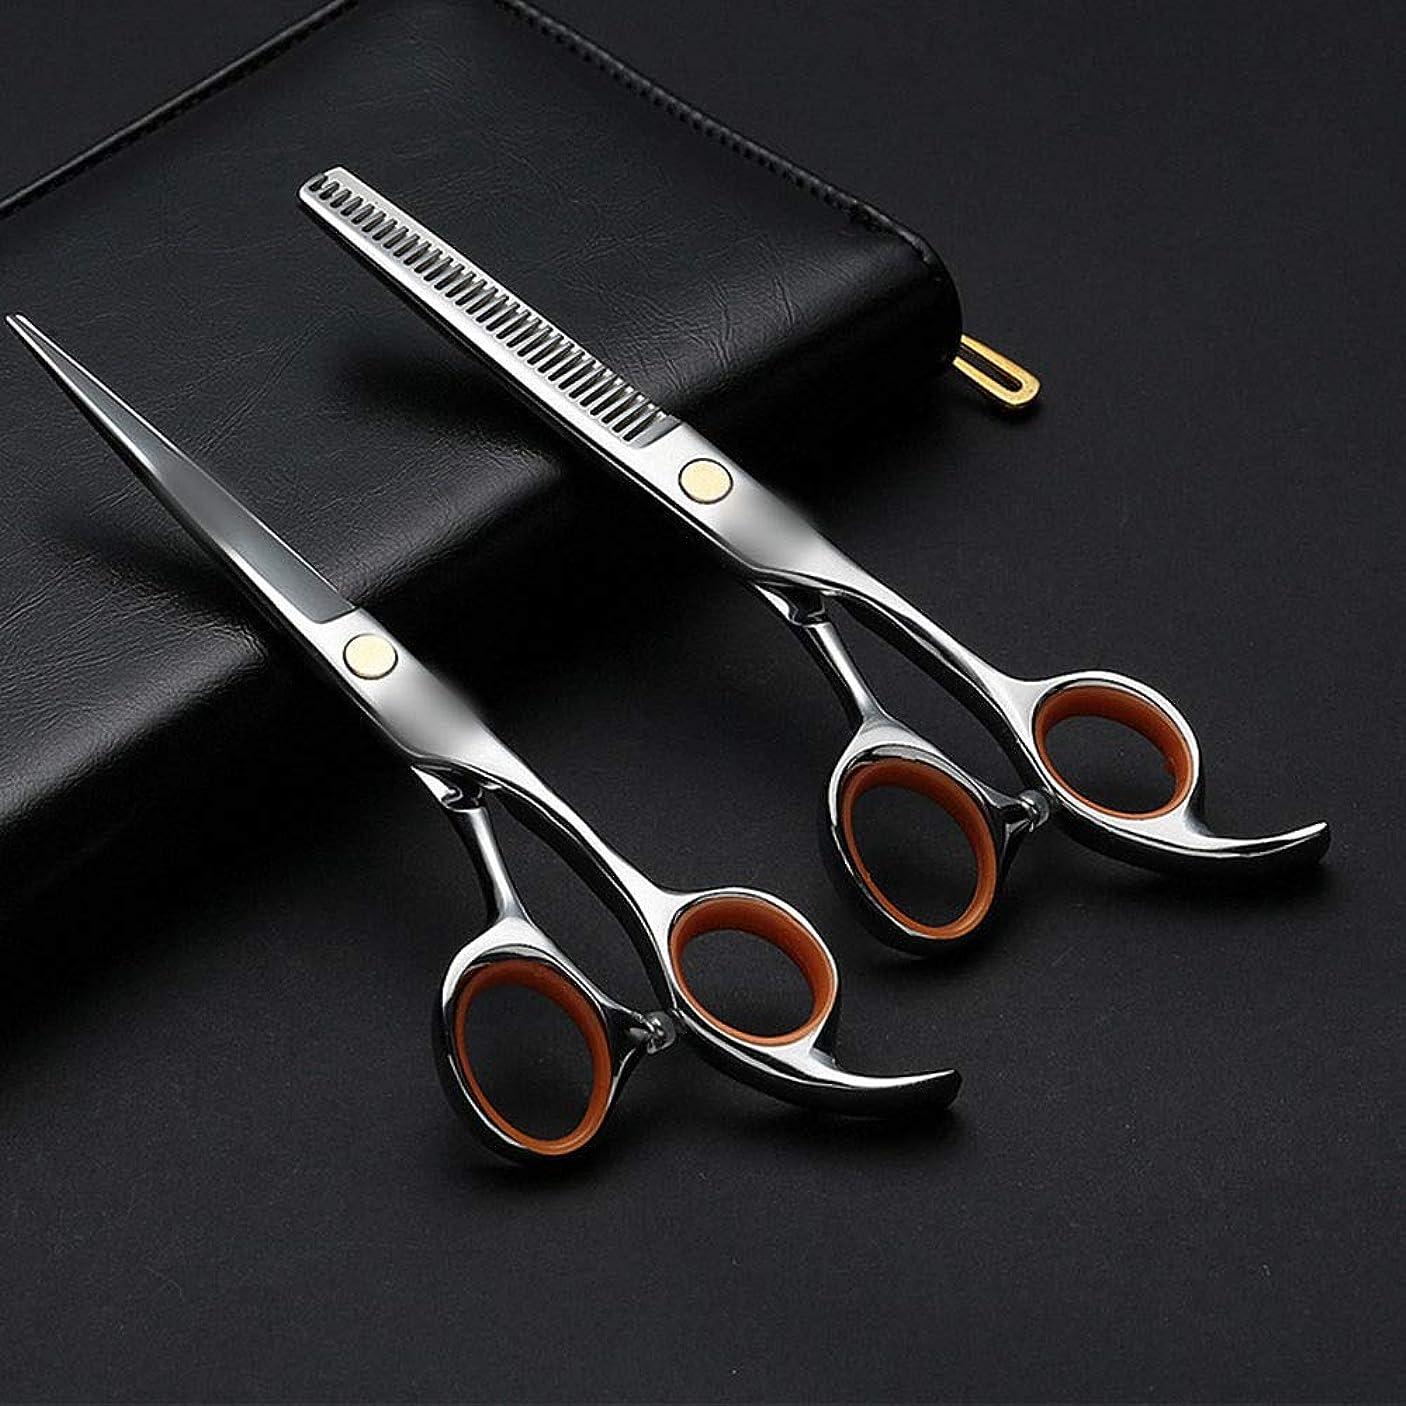 手段タール均等に6.0インチの専門の理髪はさみ、平らなシザー+歯はさみ理髪セット モデリングツール (色 : Silver)